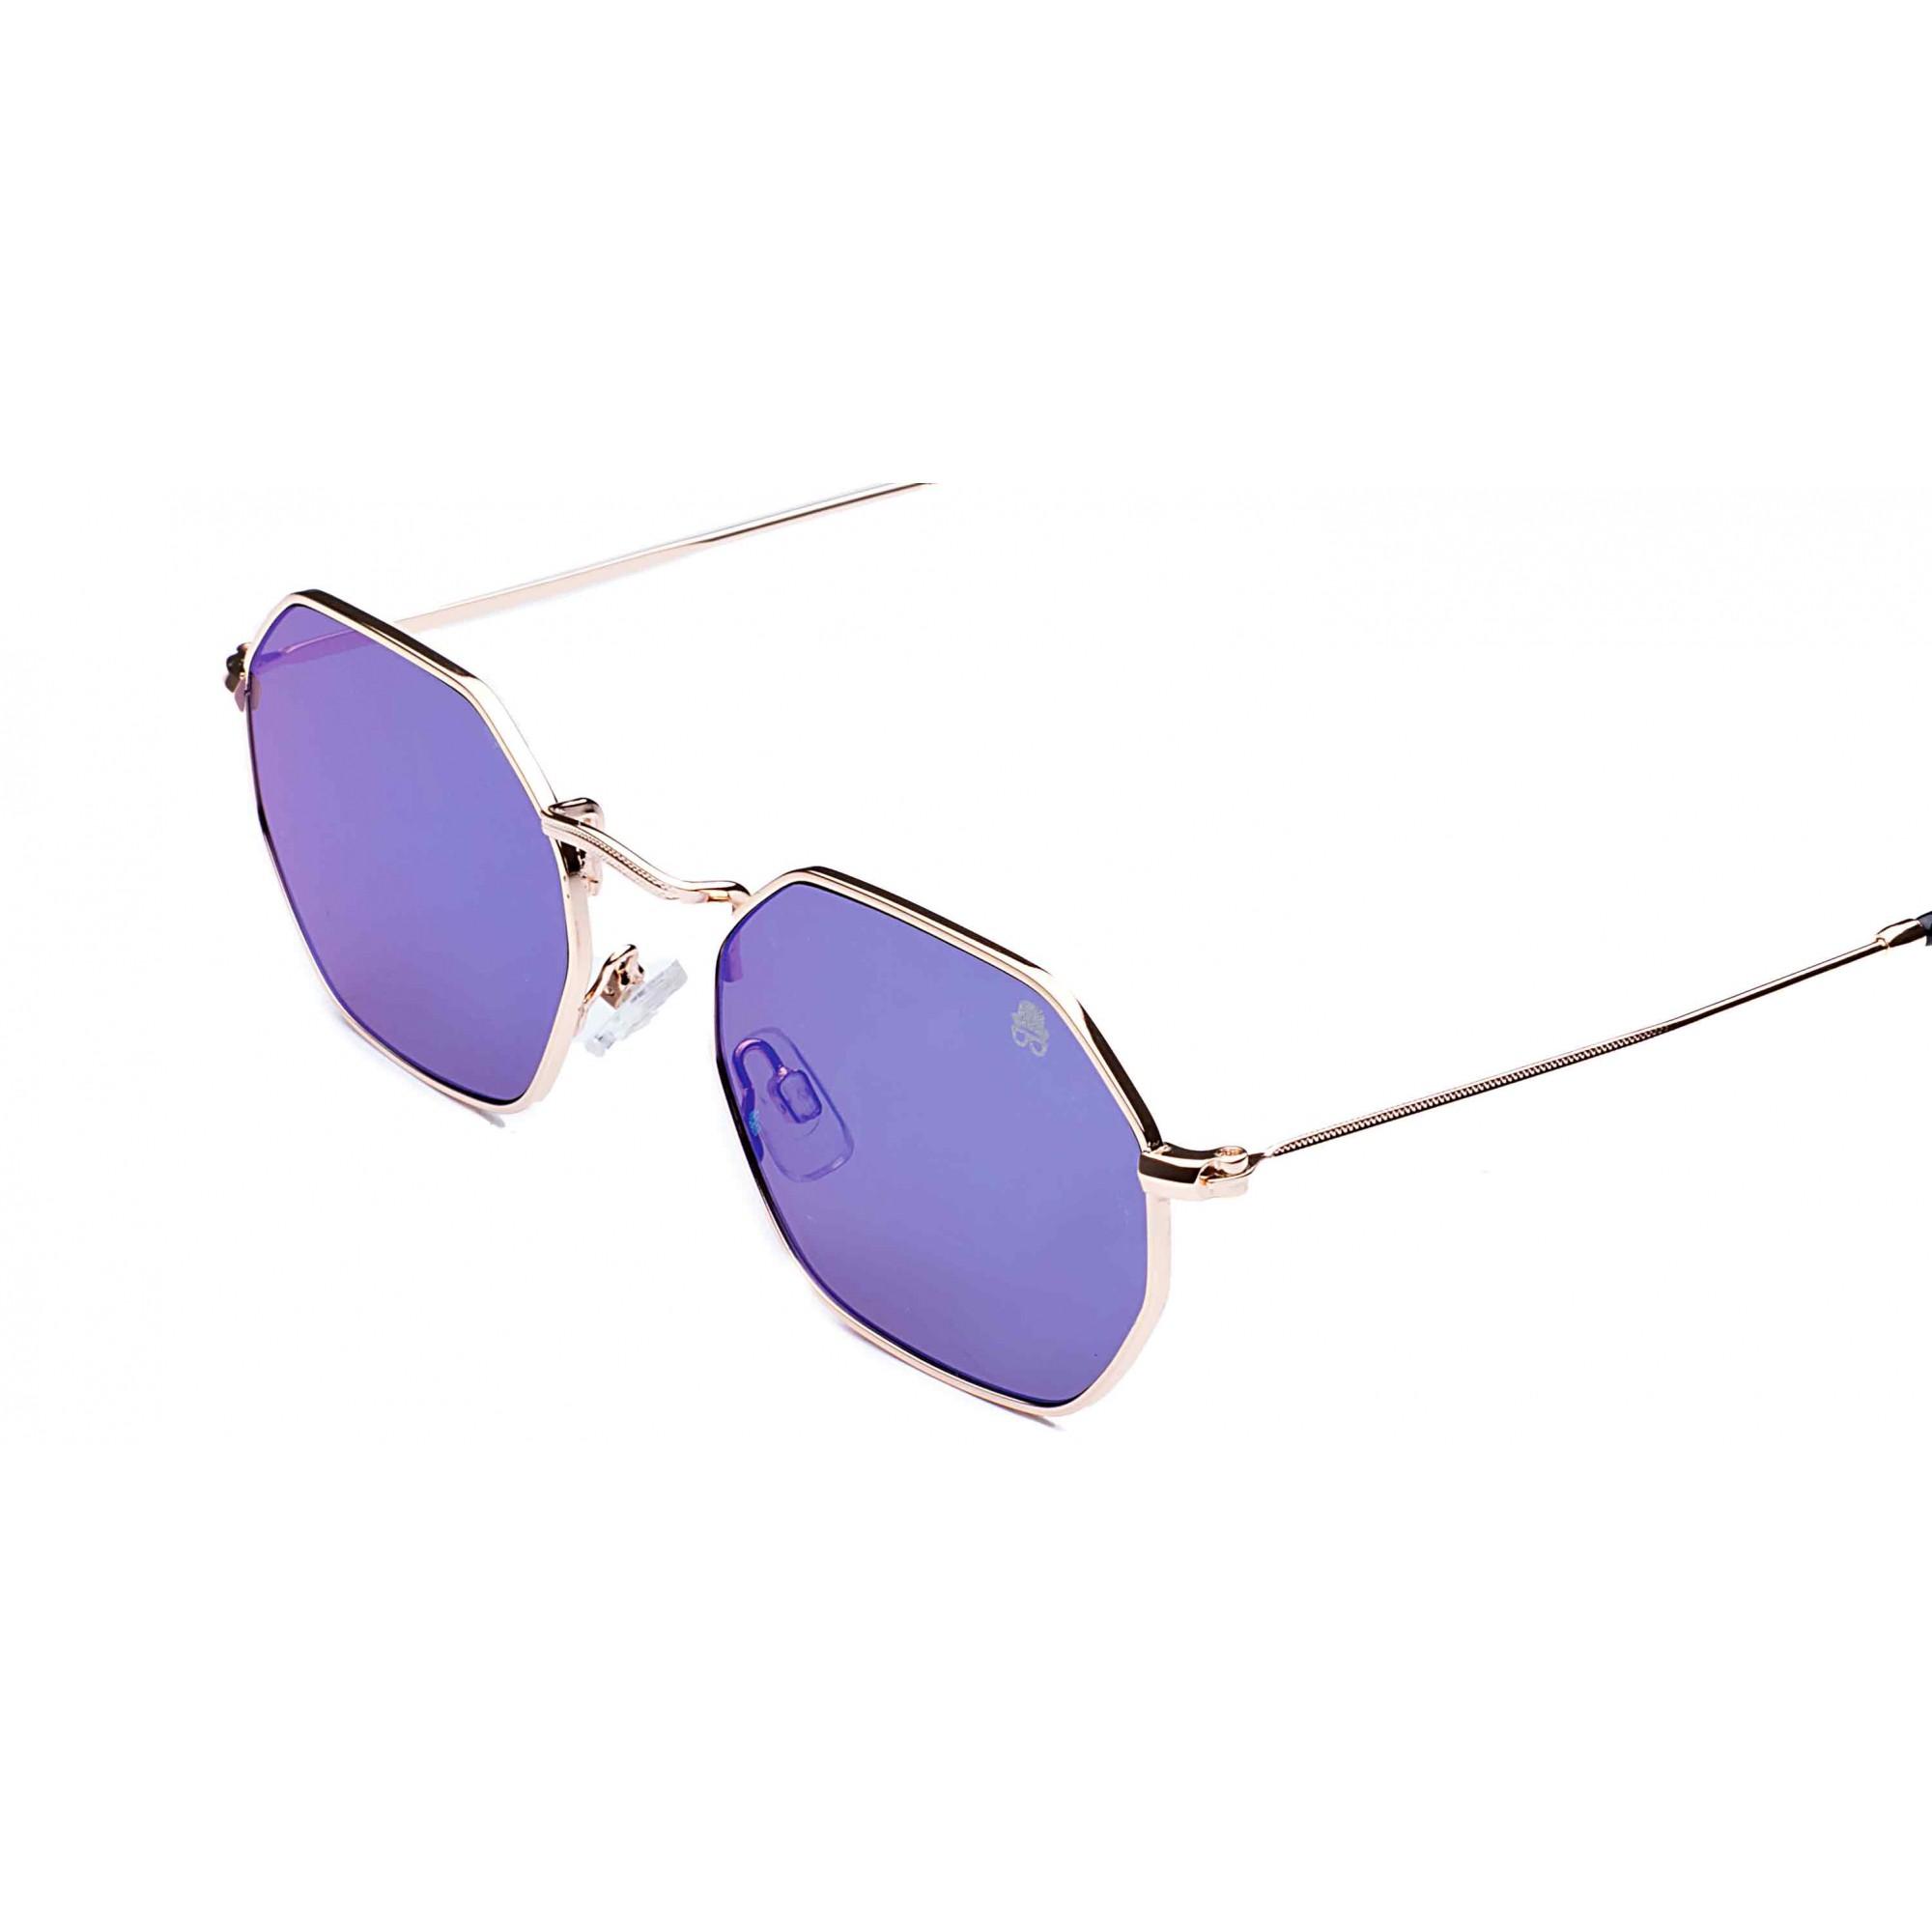 Óculos de Sol Vlogs Rafael Lopes Eyewear